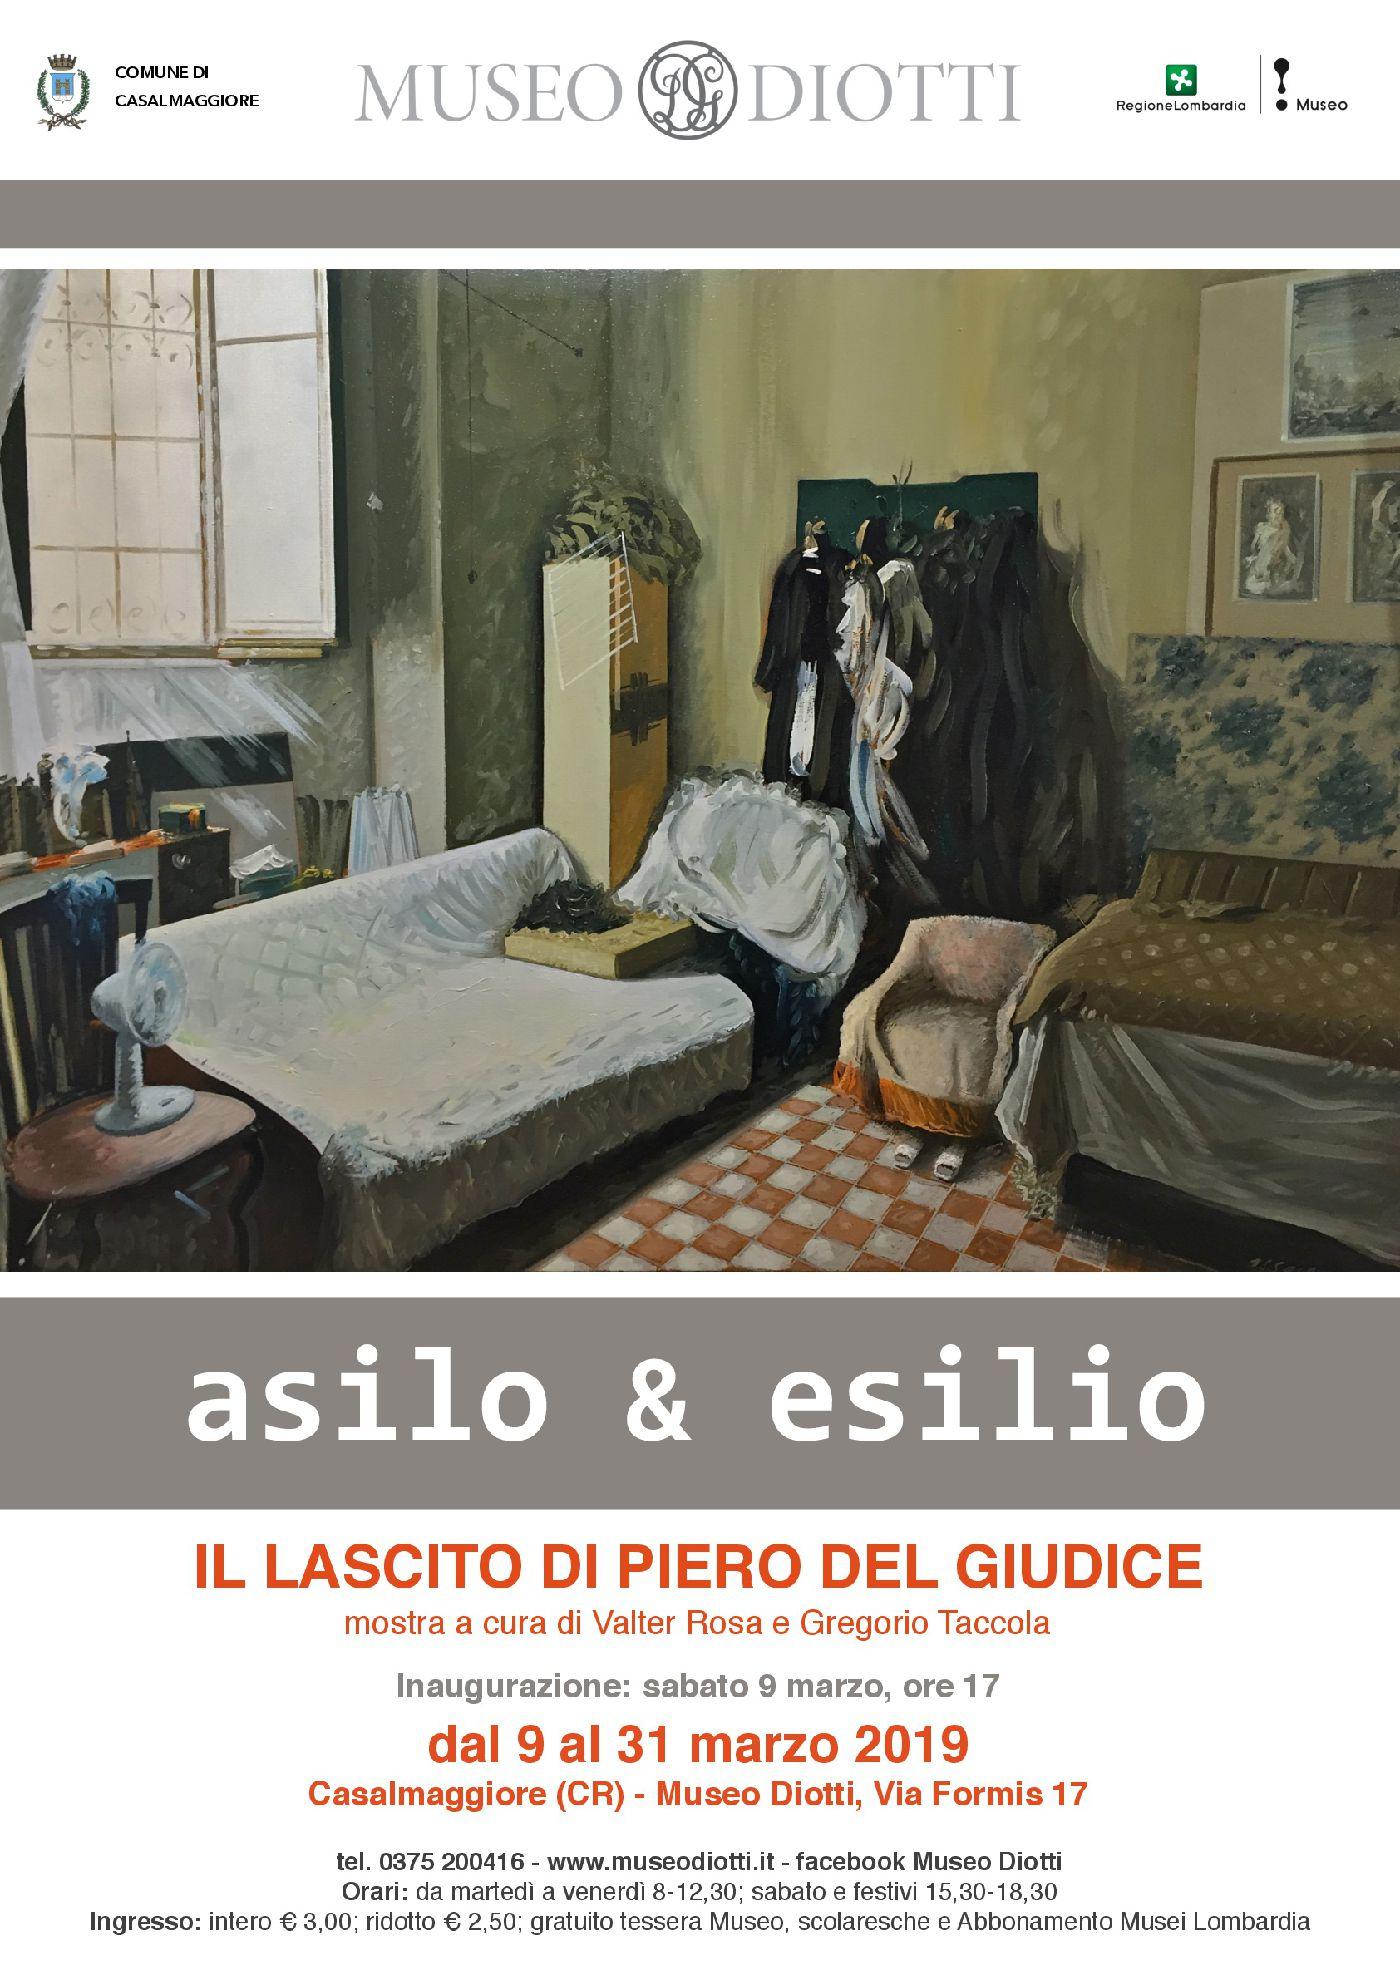 ASILO & ESILIO. Il lascito di Piero Del Giudice